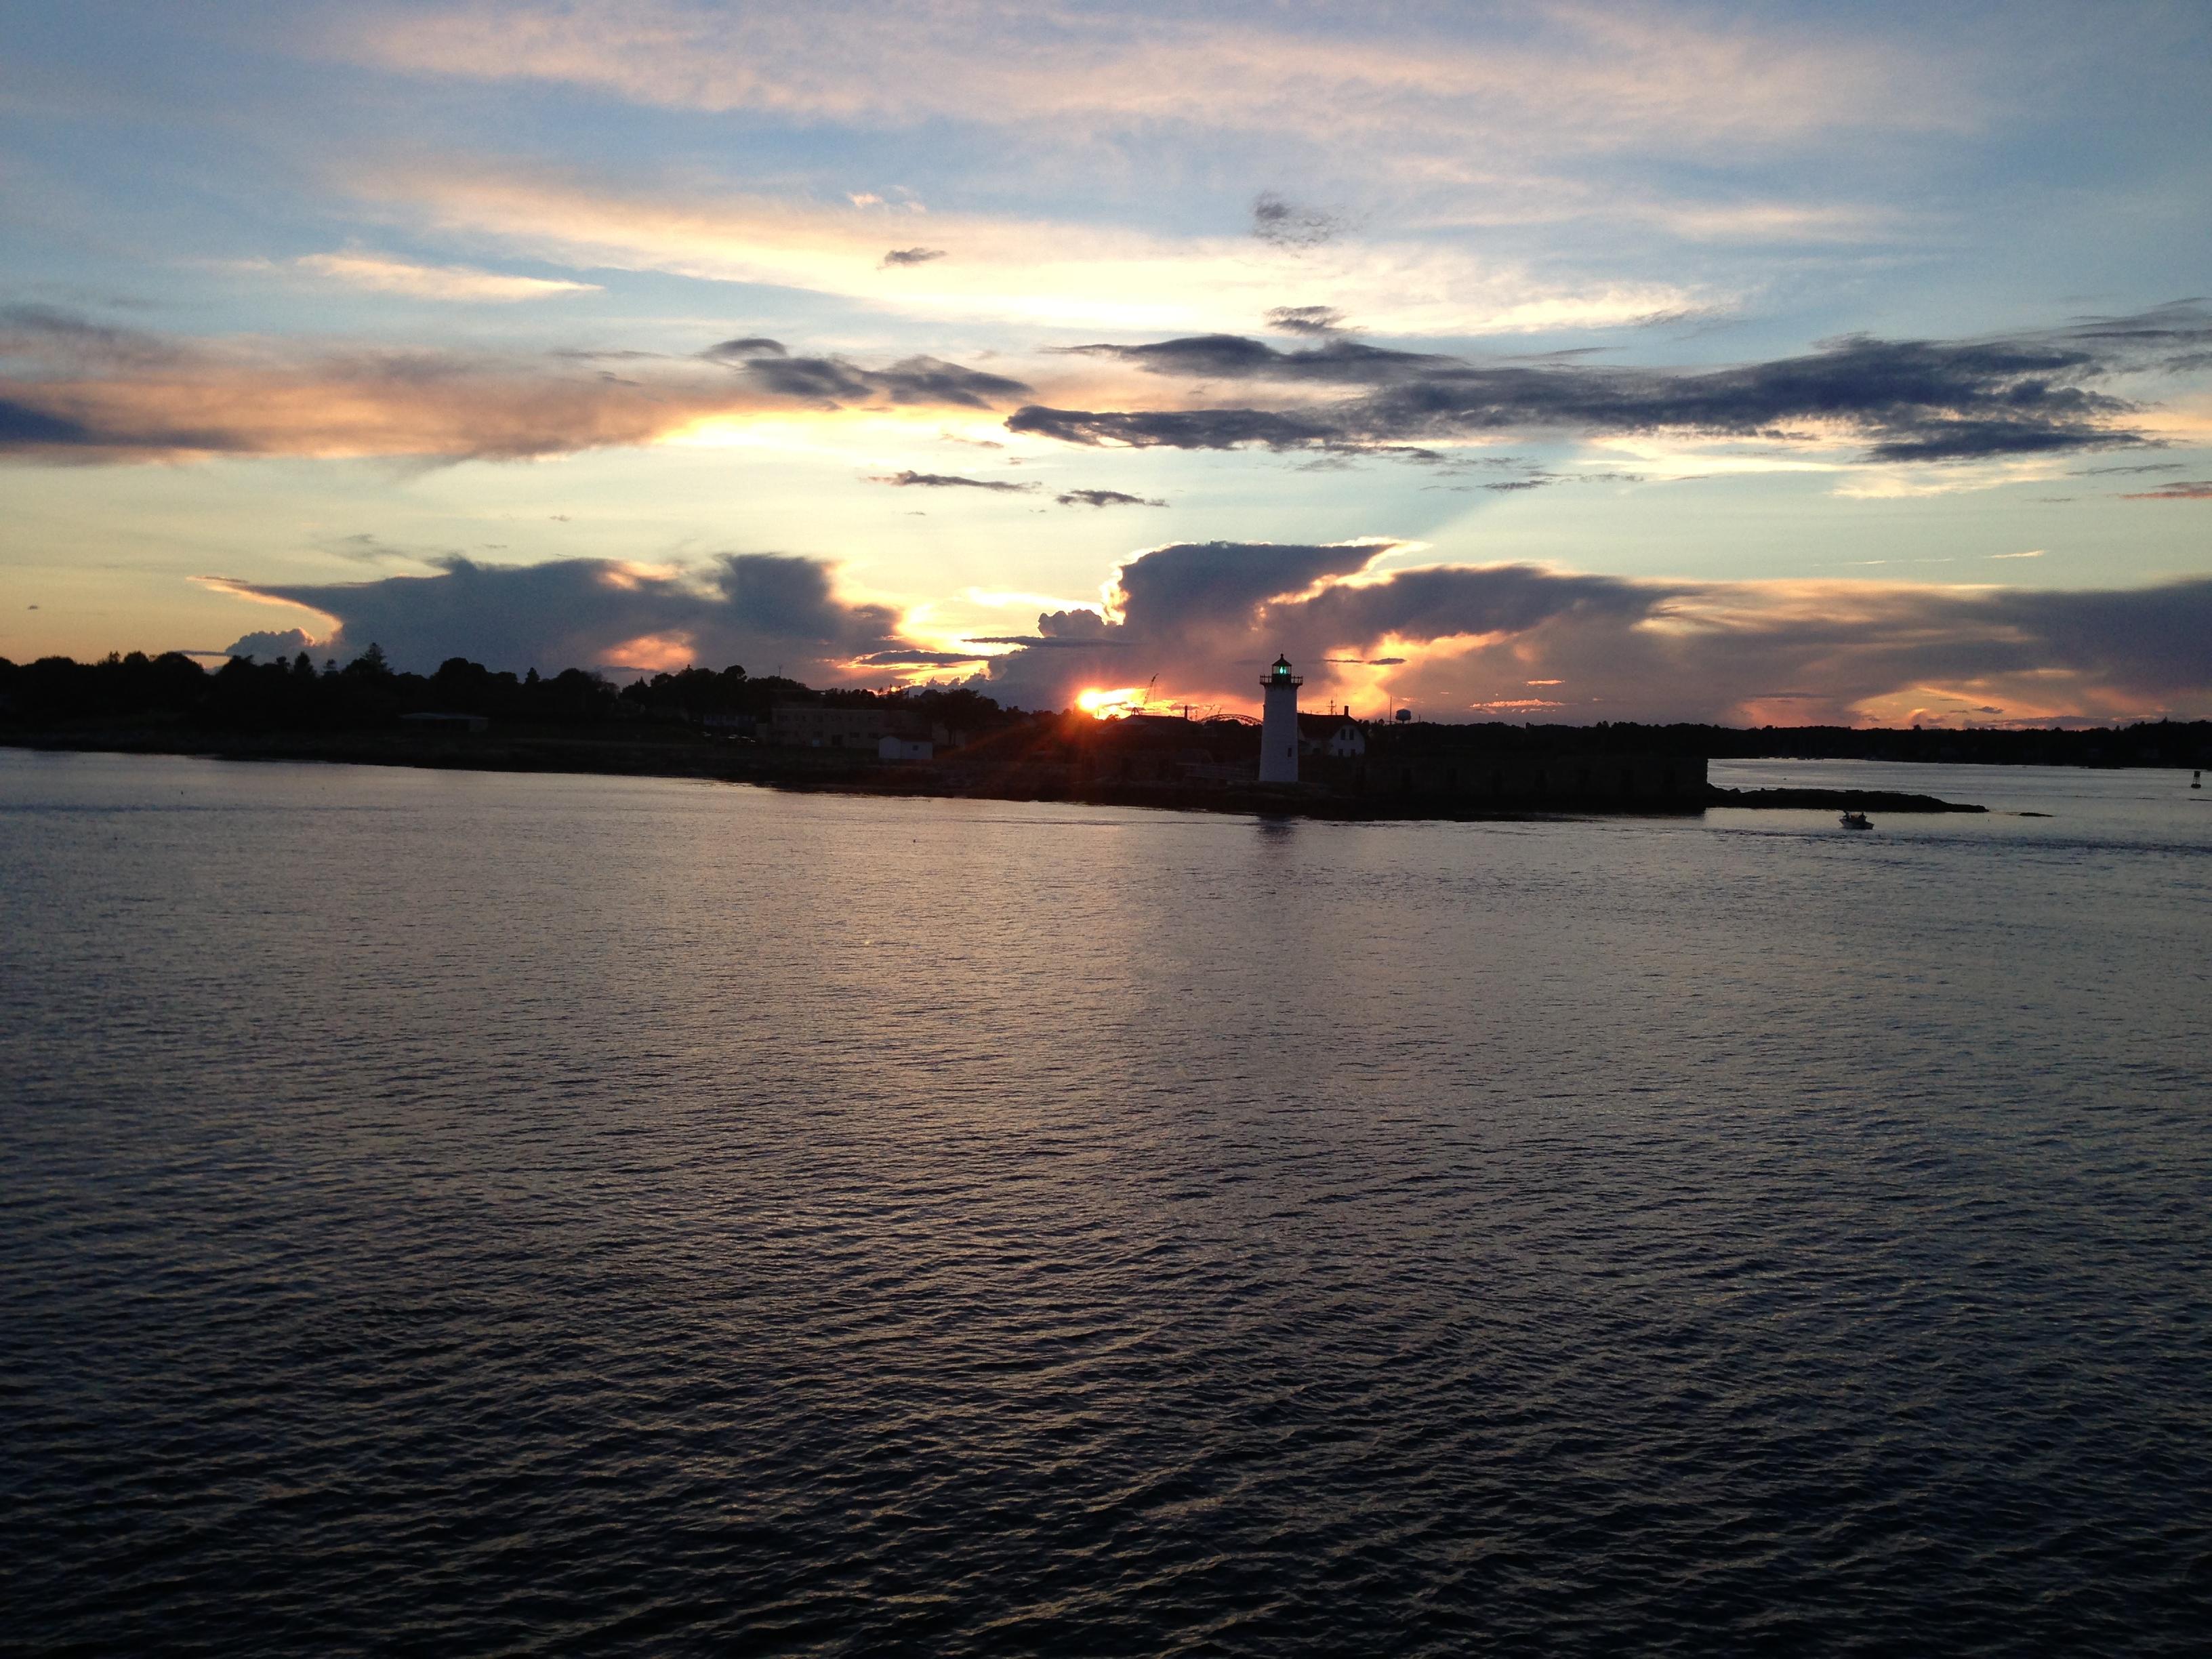 Sunset Harbor Cruise Image